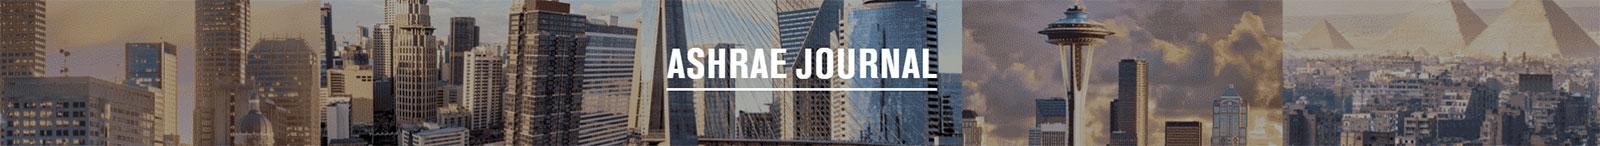 JournalJPG